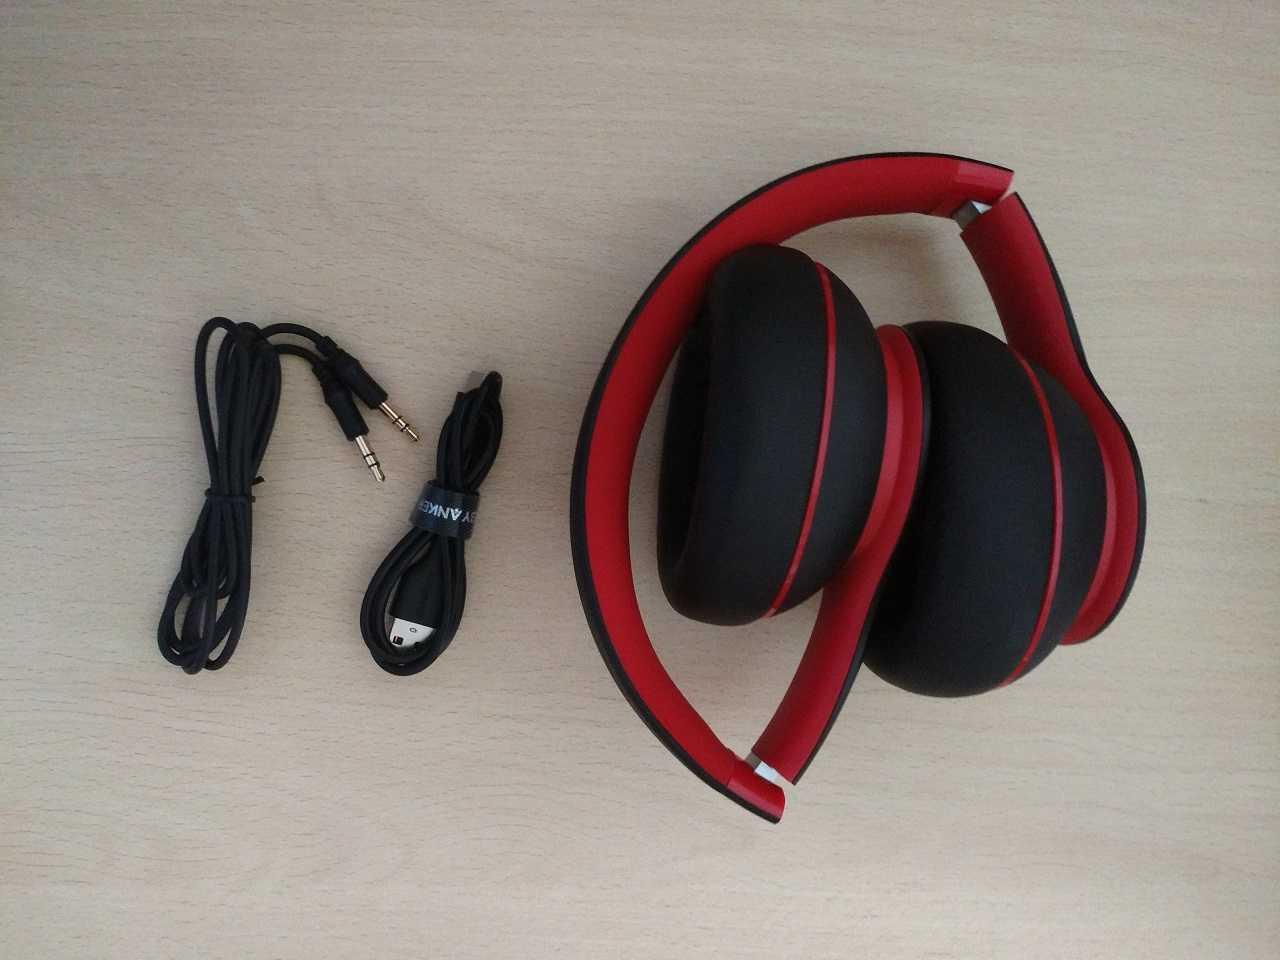 Recensione Soundcore Life Q10: quando la priorità è il rapporto qualità-prezzo